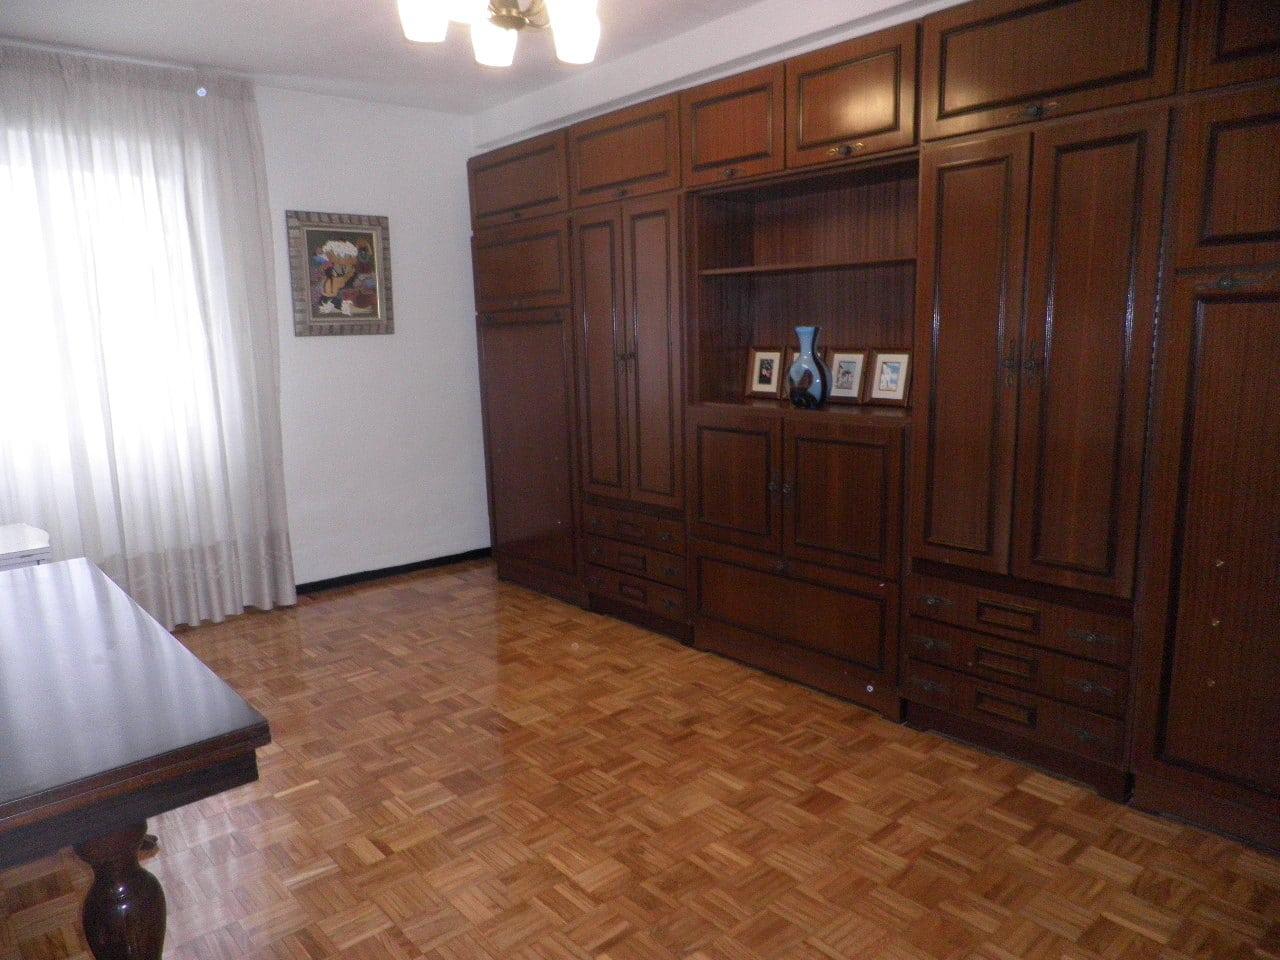 V04730-03-DORMITORIO-PISO-EL-PILAR-TRIVINSA-INMOBILIARIA